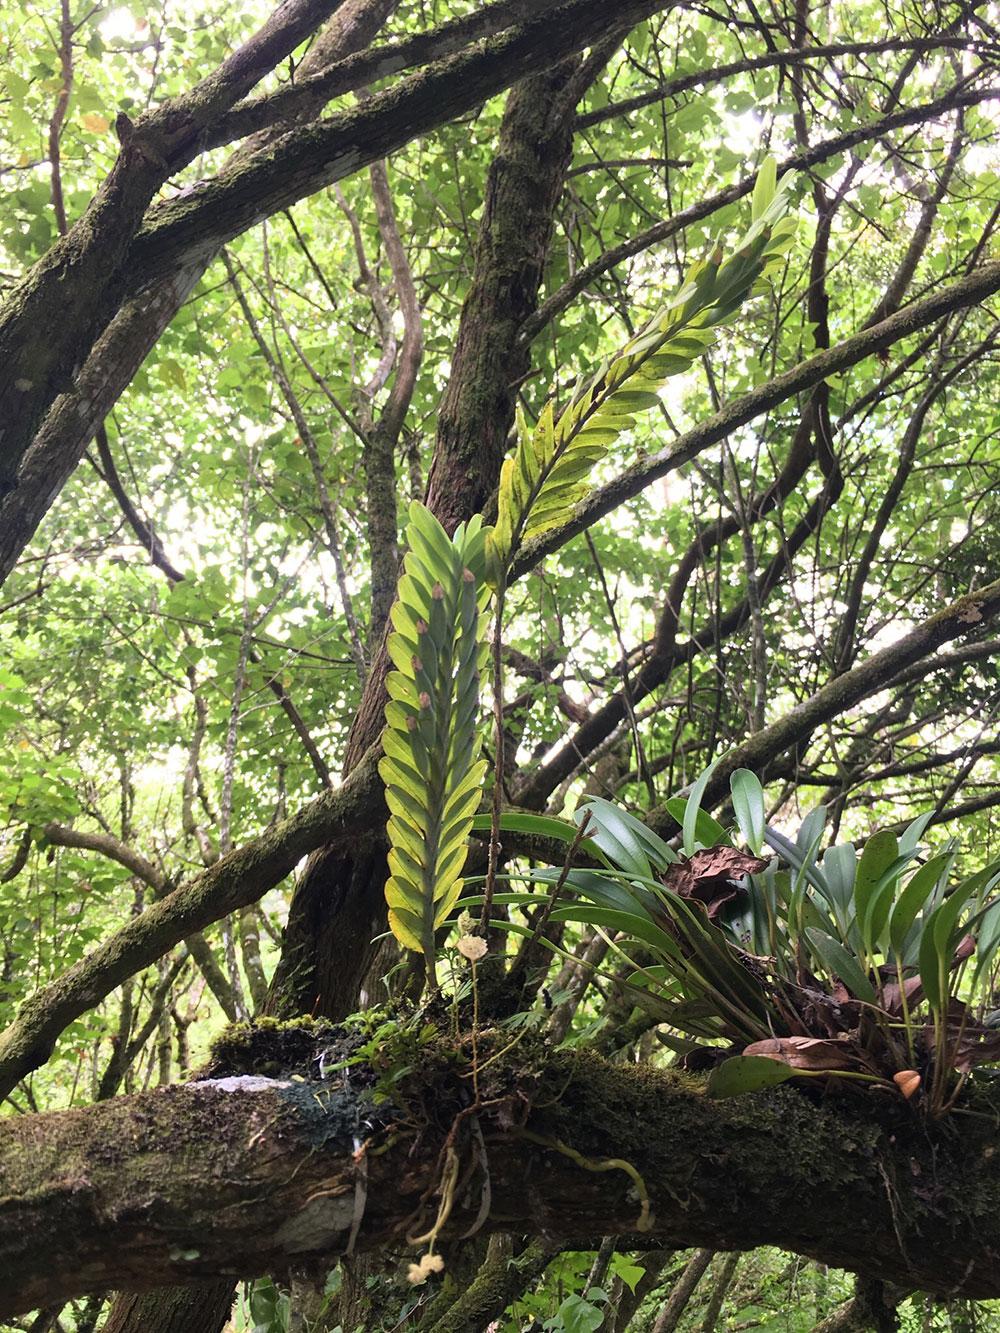 篦叶兰Dichaea glauca (Sw.) Lindl.